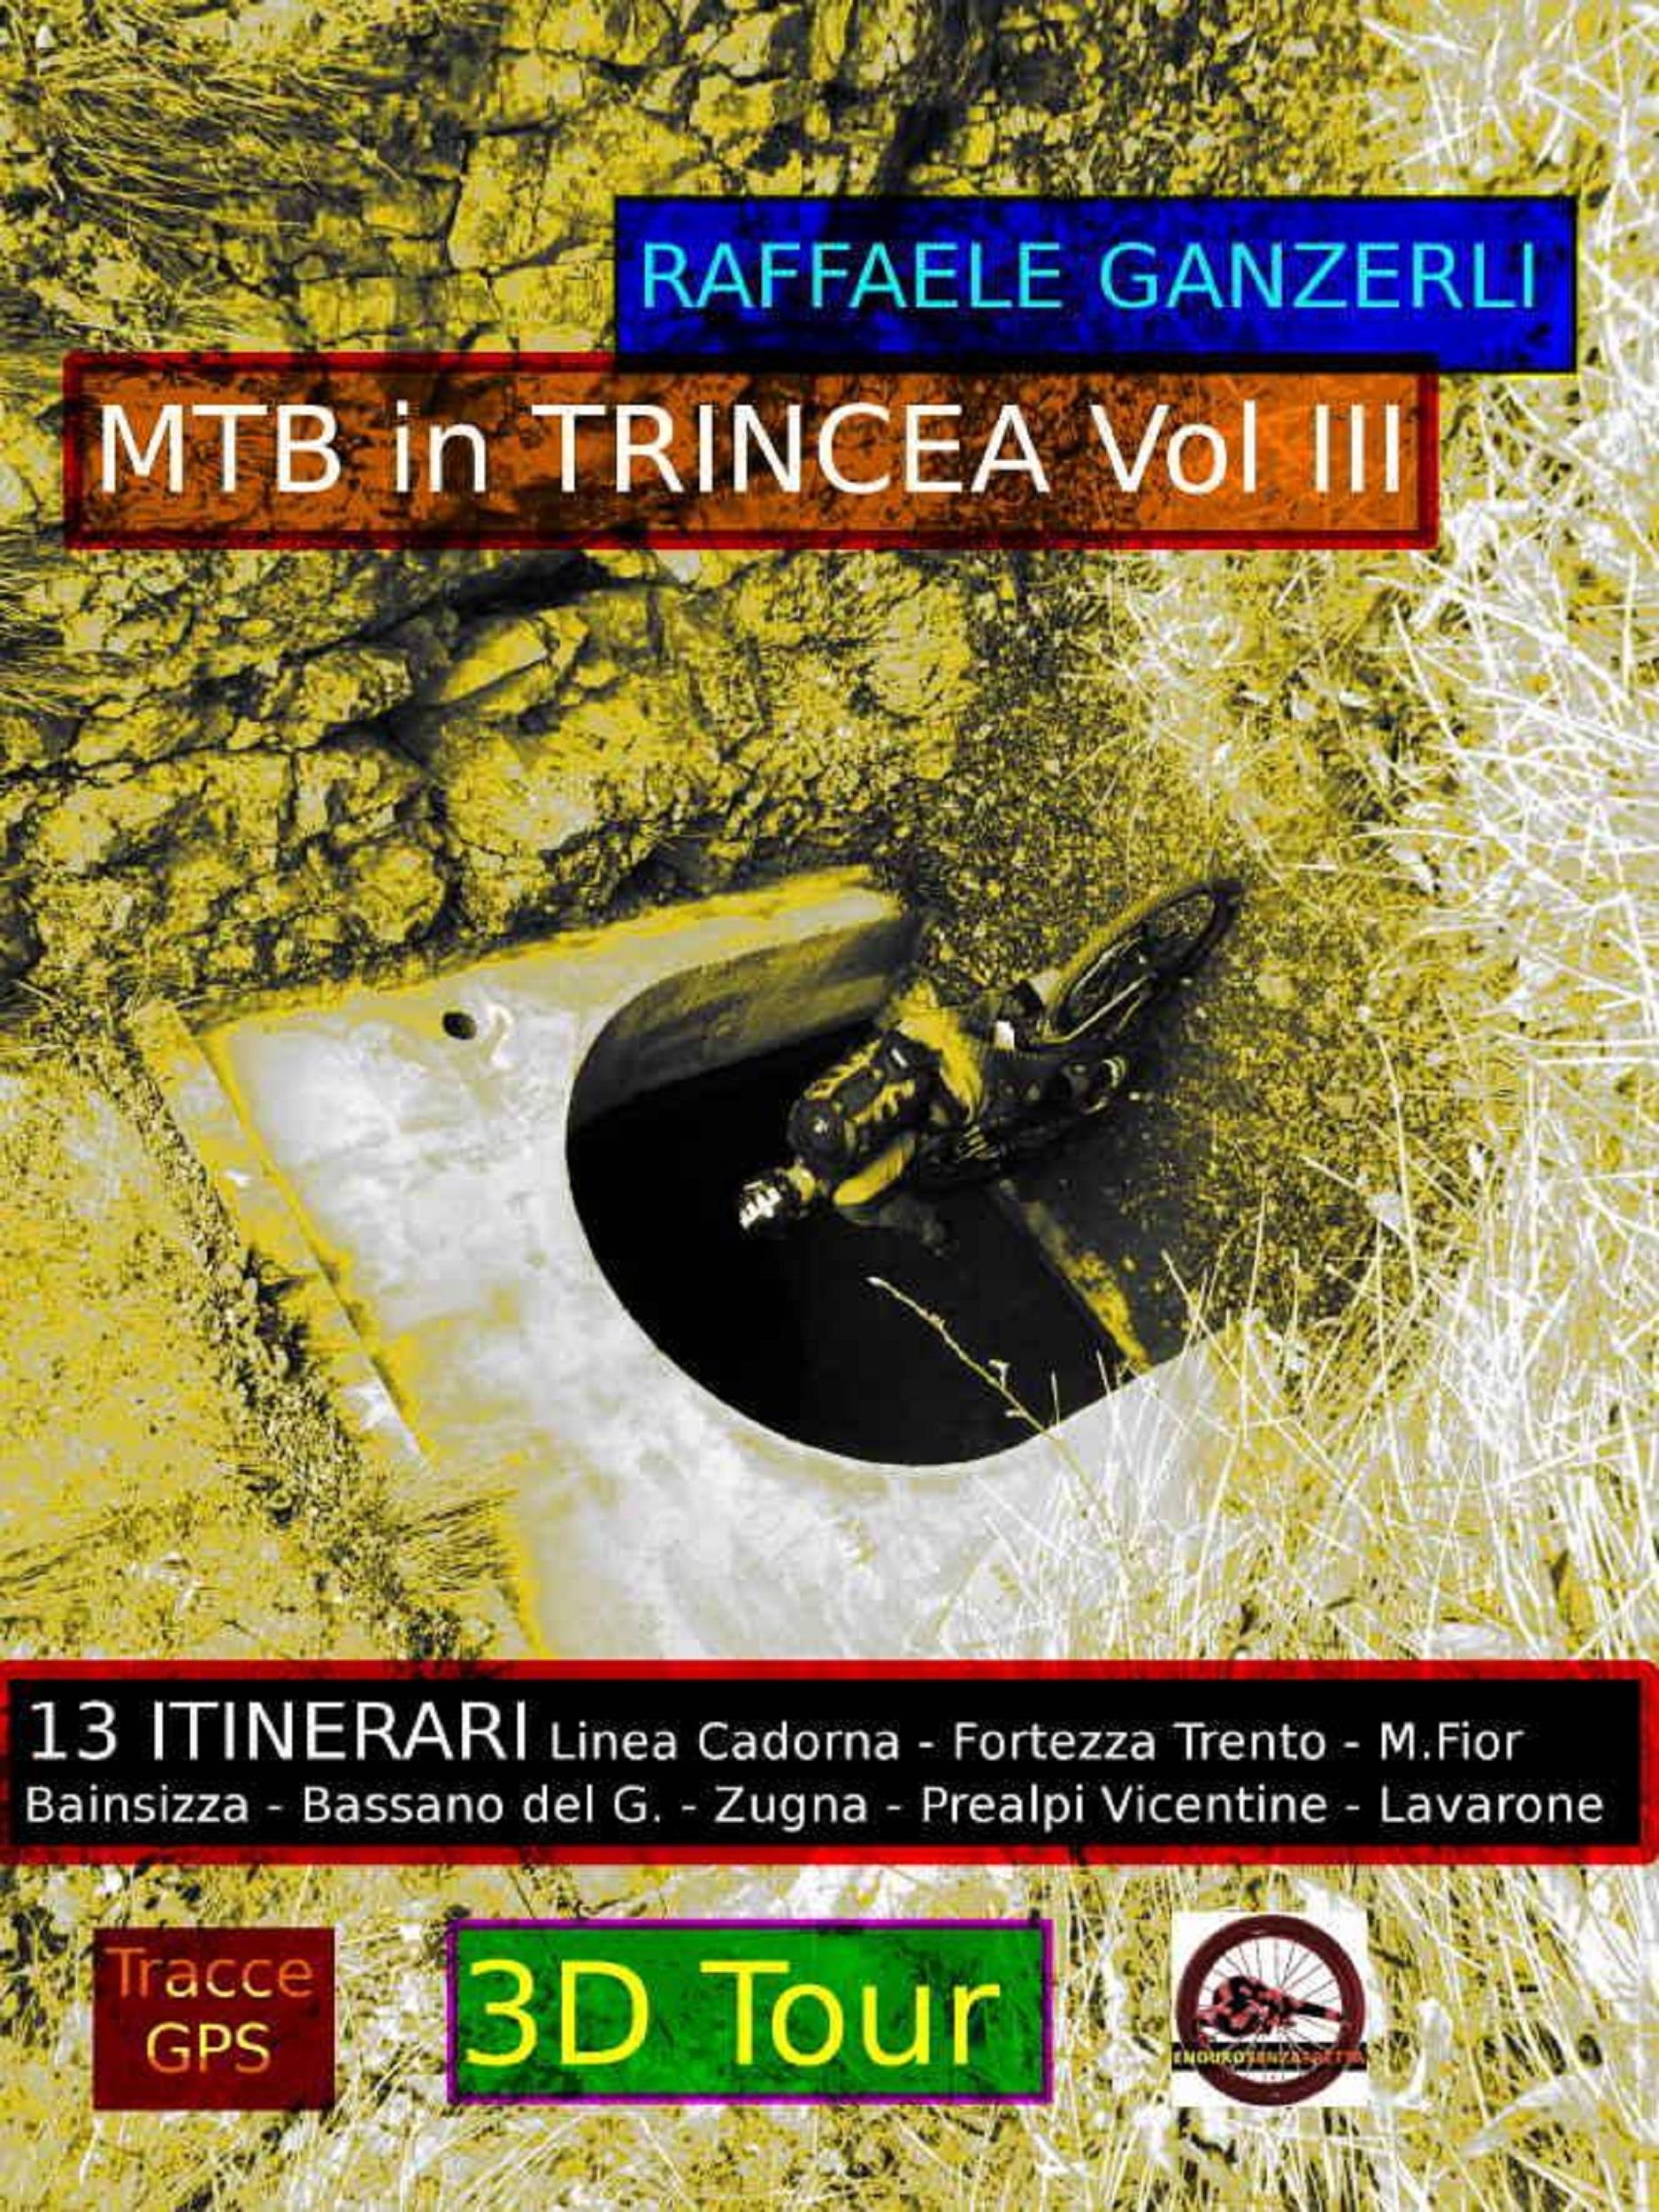 MTB in trincea Vol. III